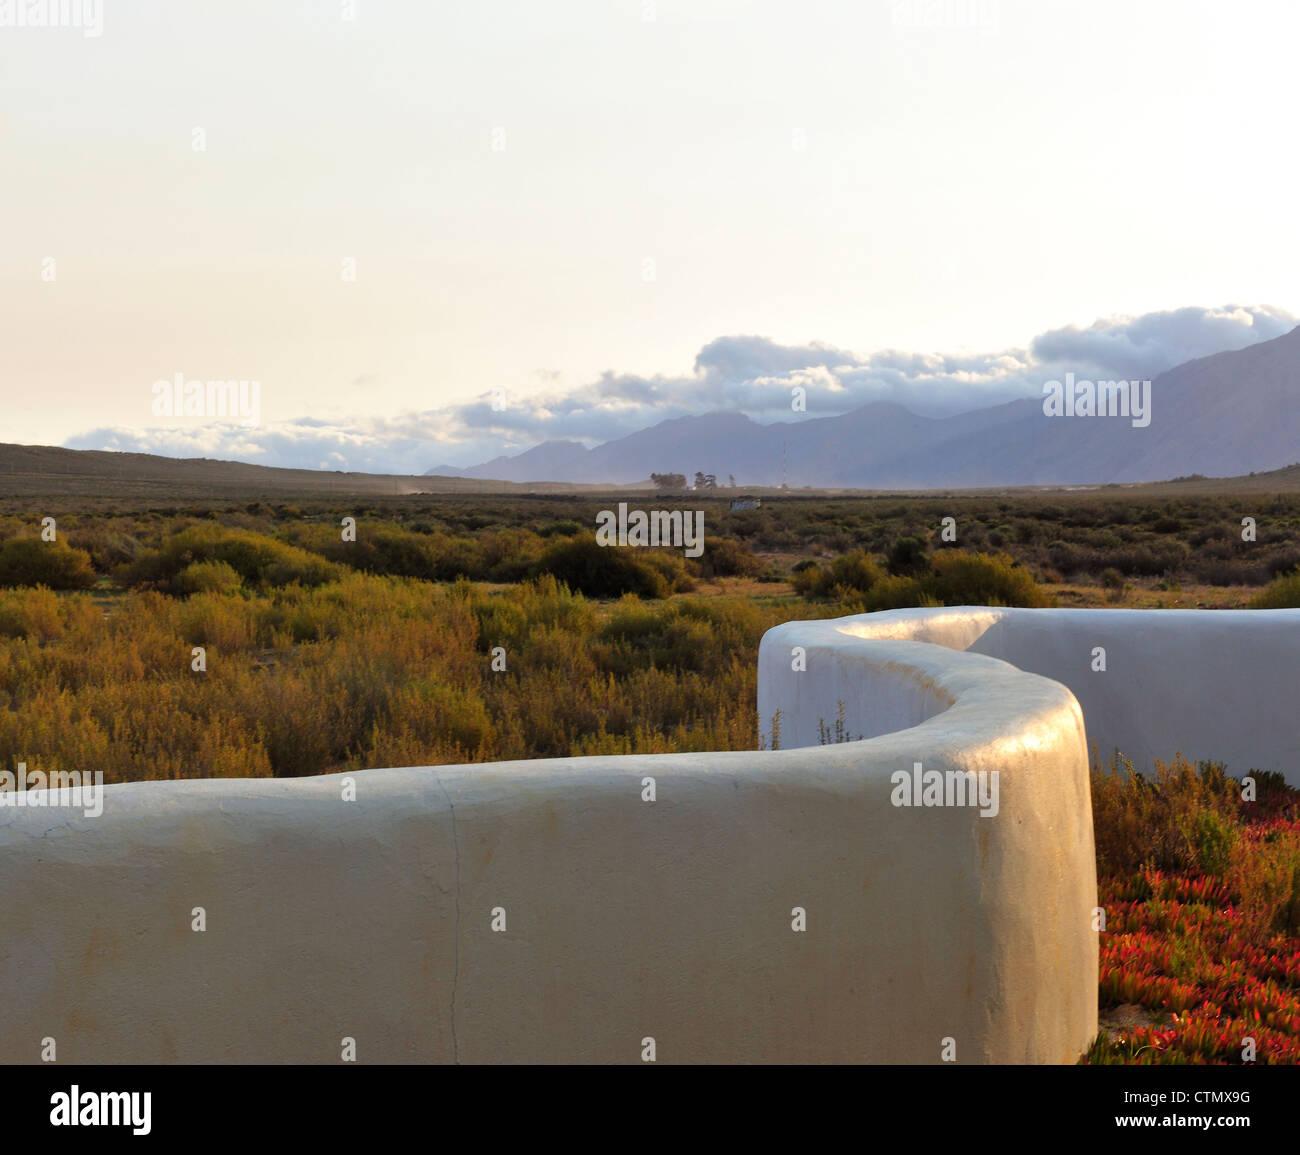 Pared Blanca en el Karoo, 1 Hotel Karoo, cerca de Touws River, Western Cape, Sudáfrica Foto de stock